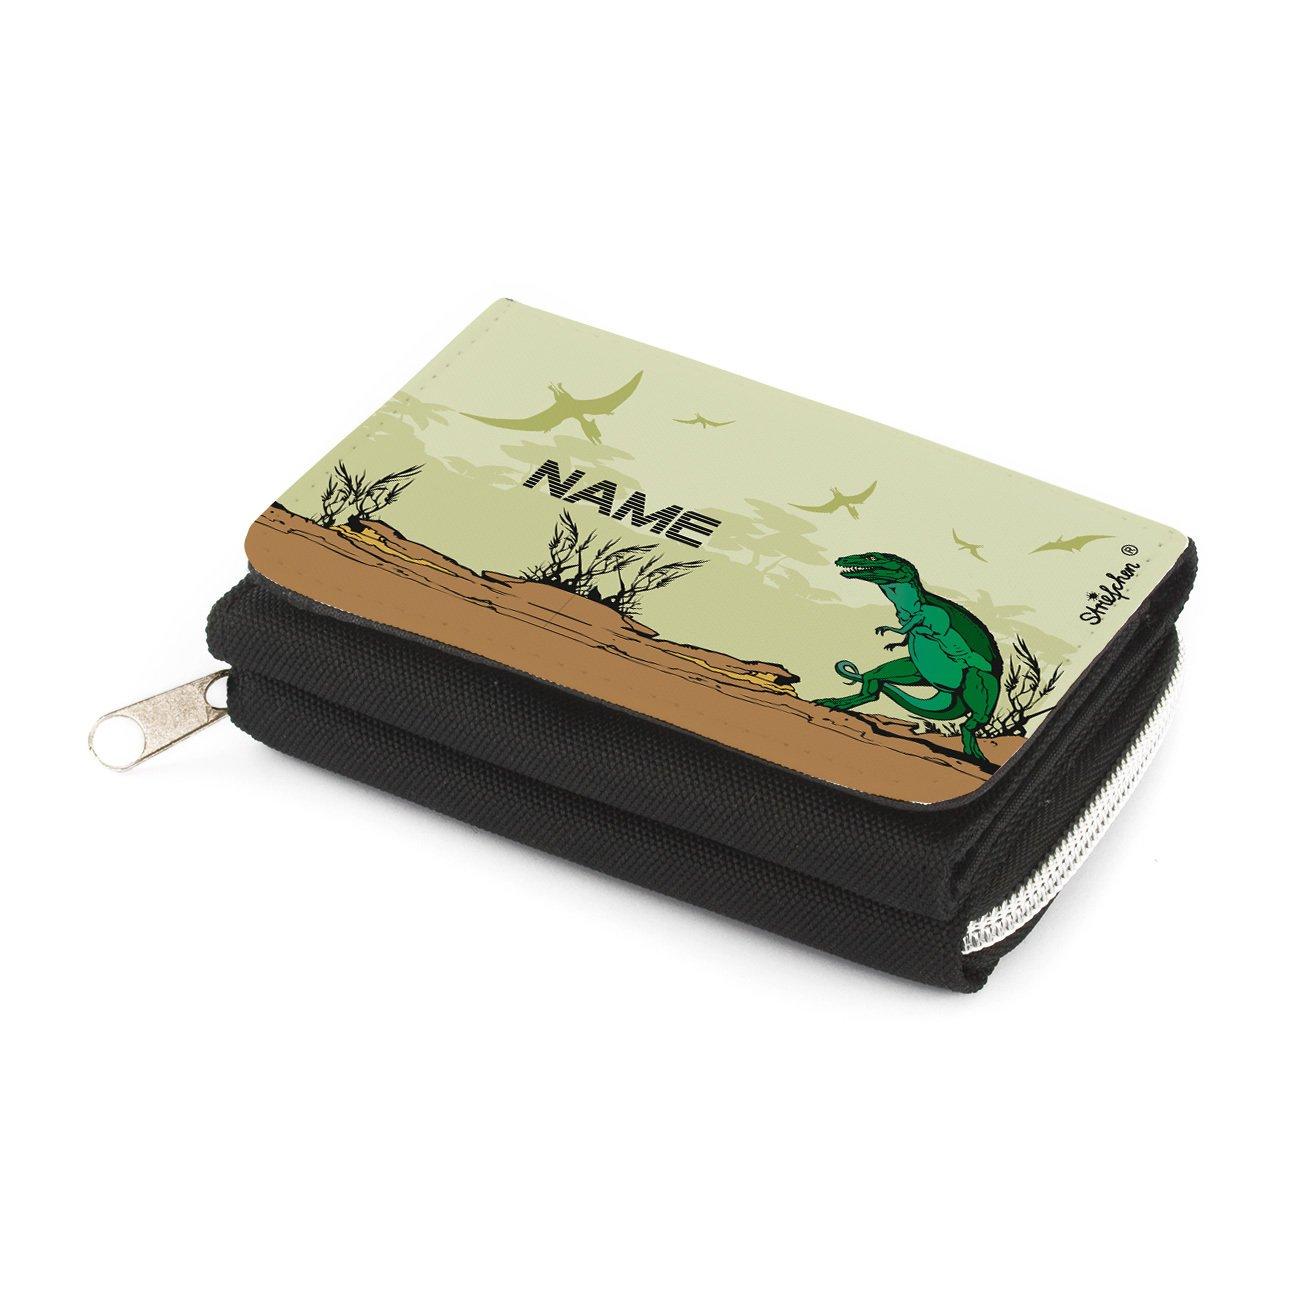 Striefchen Dino Portemonnaie für Kinder - Gratis Namensaufdruck mit Geschenkverpackung Striefchen®